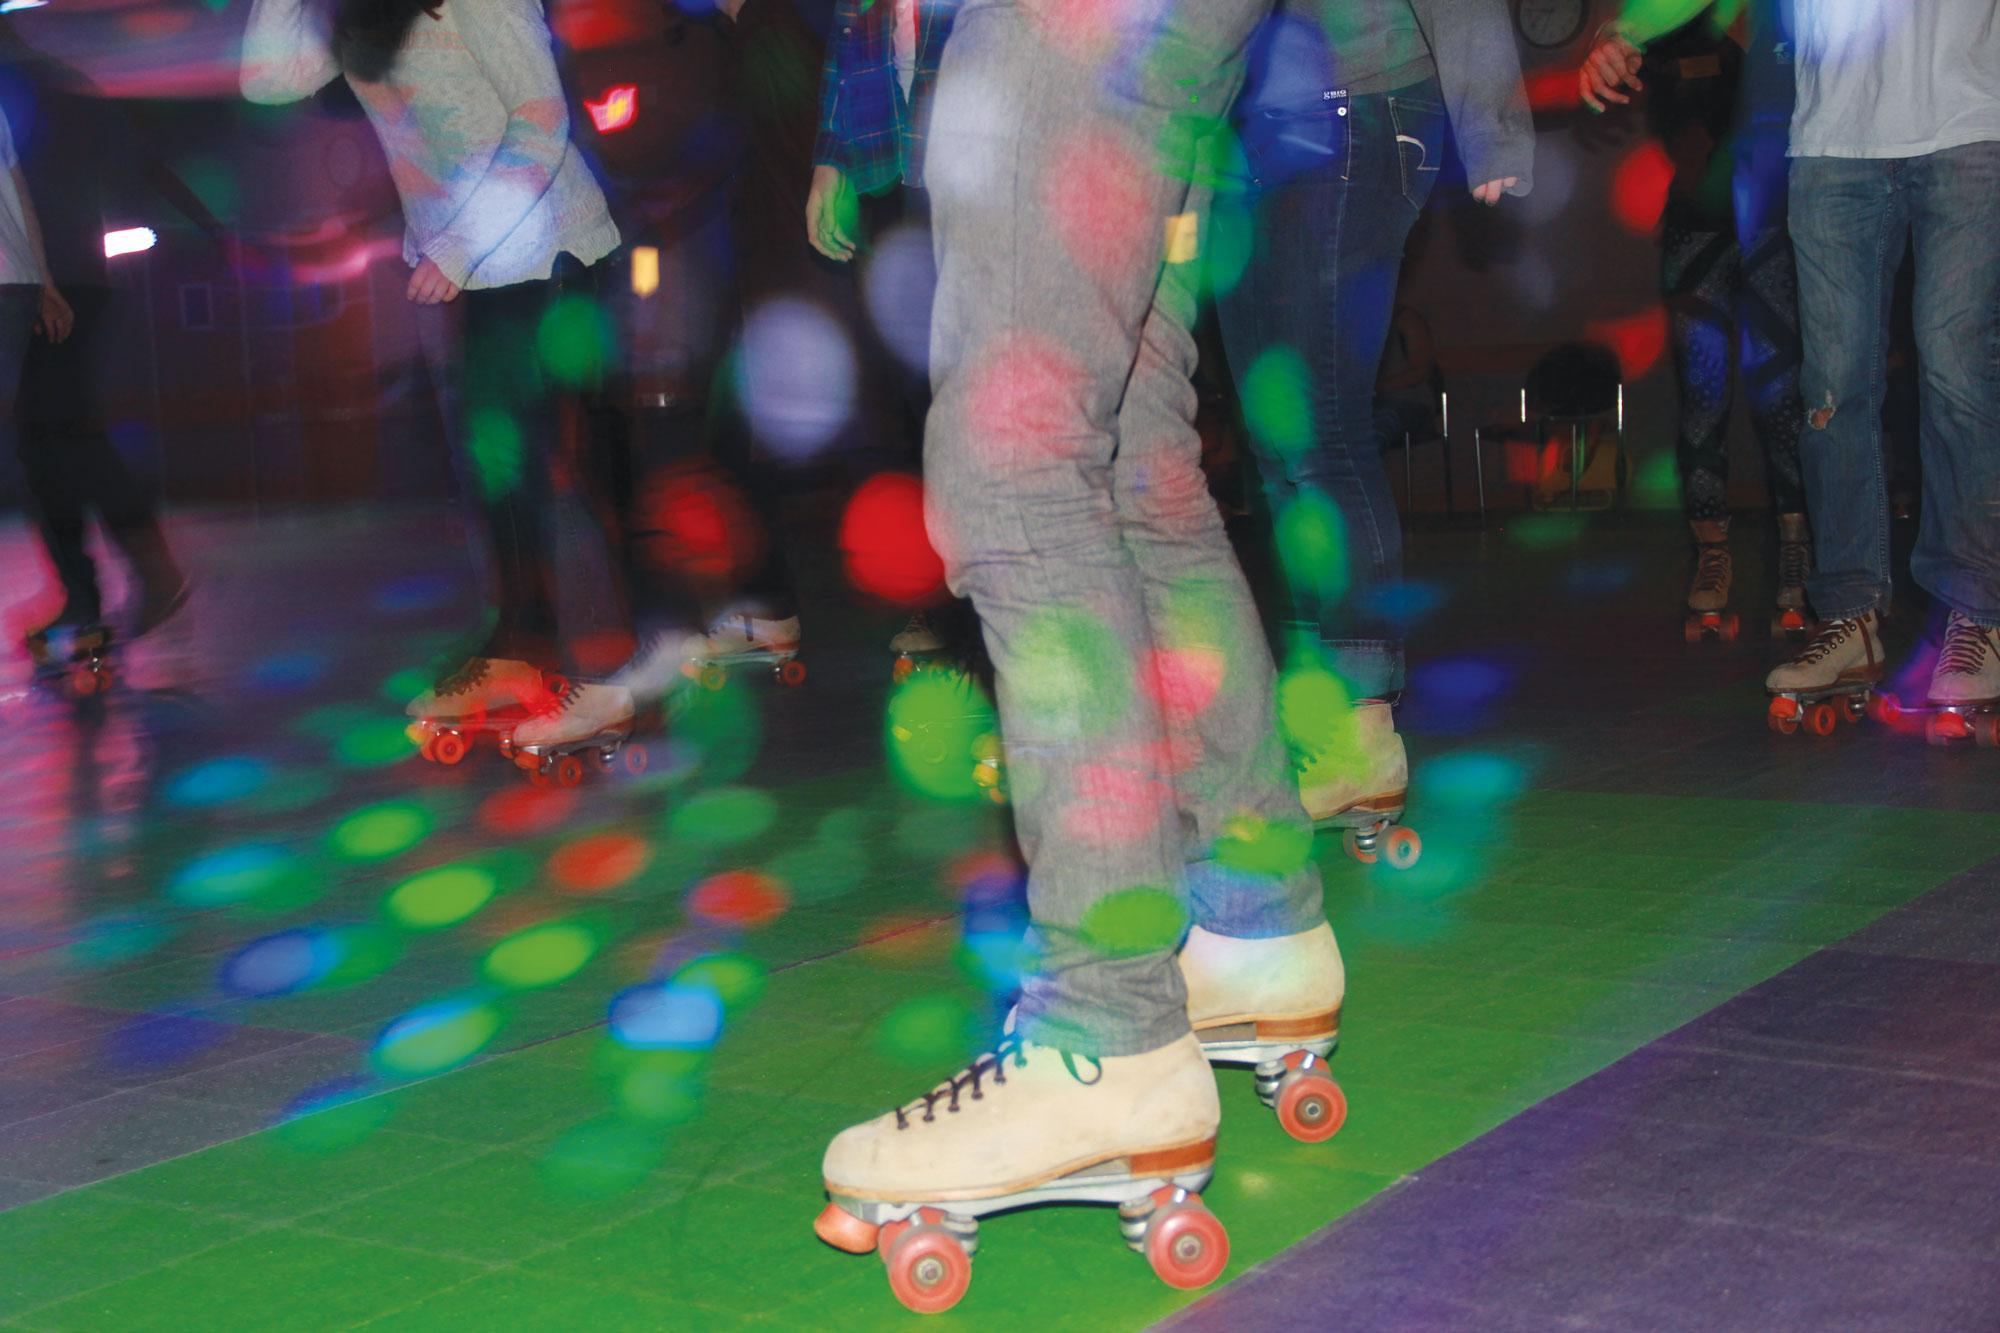 APPS hosts roller skating event